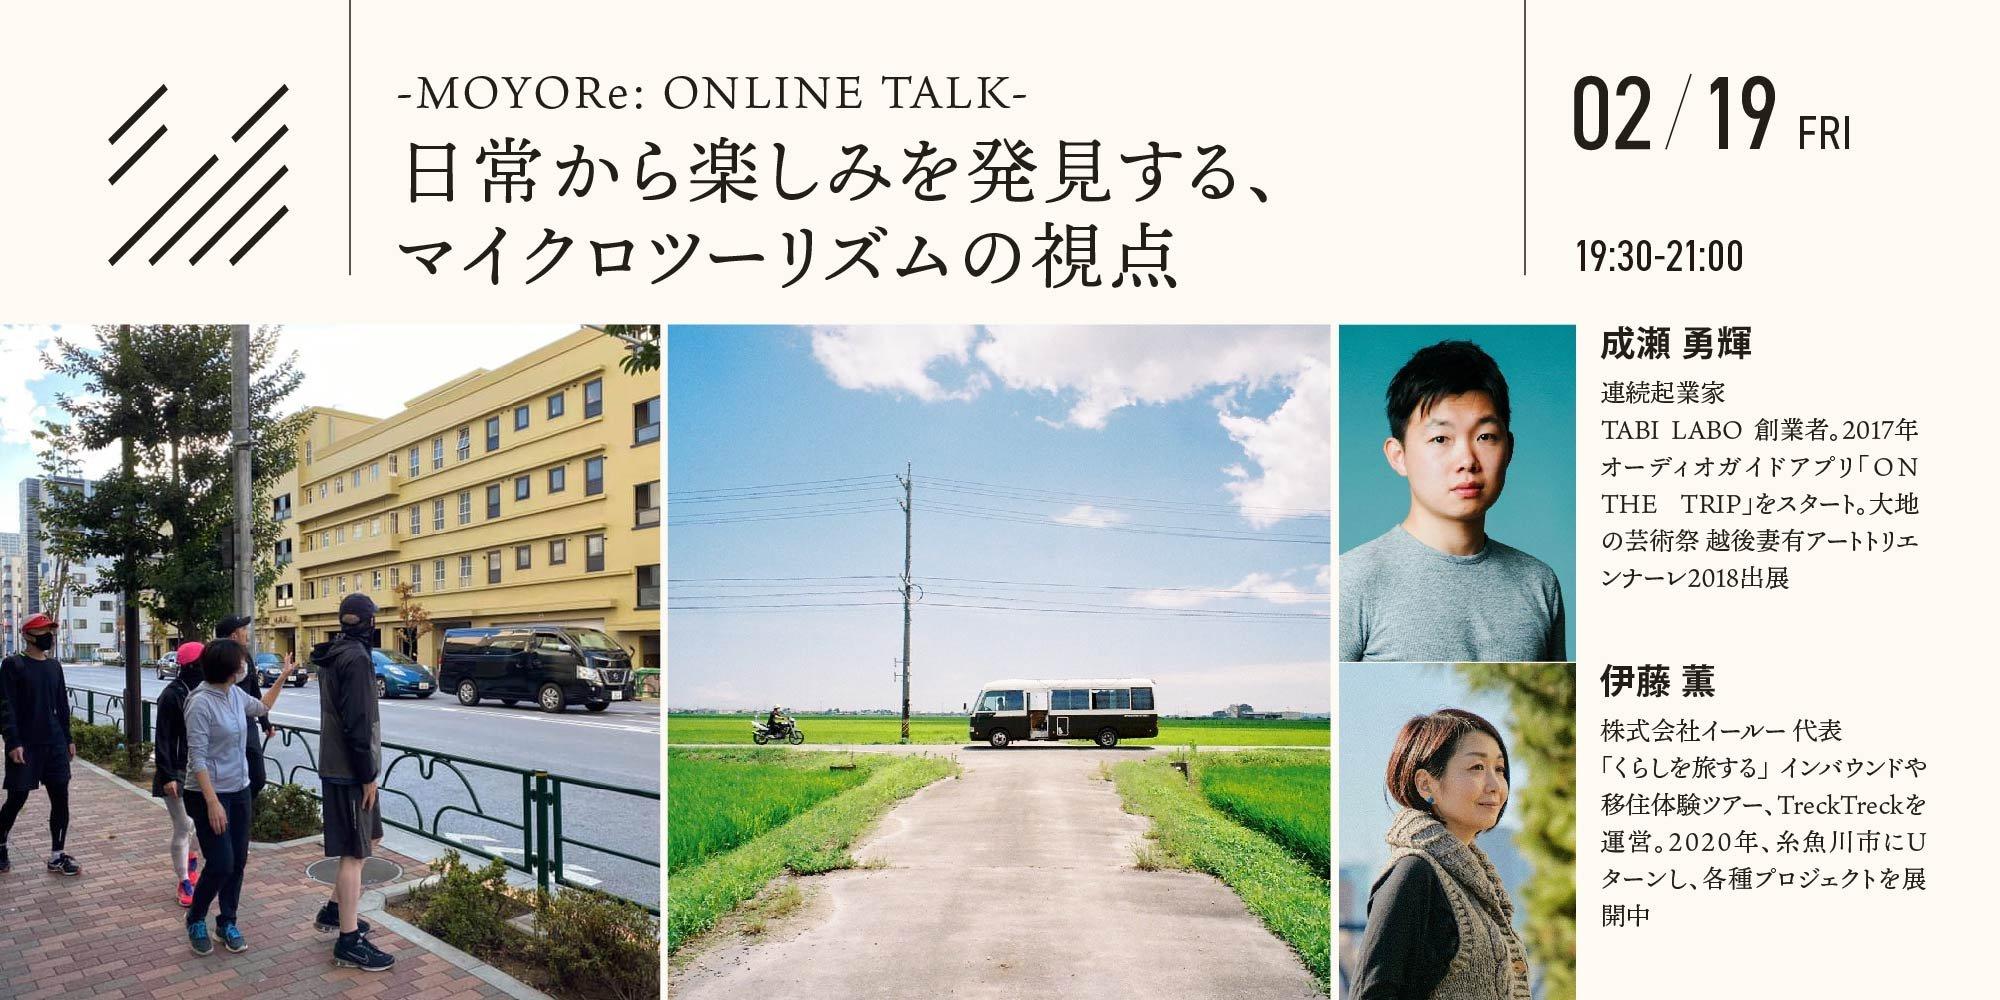 日常から楽しみを発見する、 マイクロツーリズムの視点 -MOYORe: ONLINE TALK-